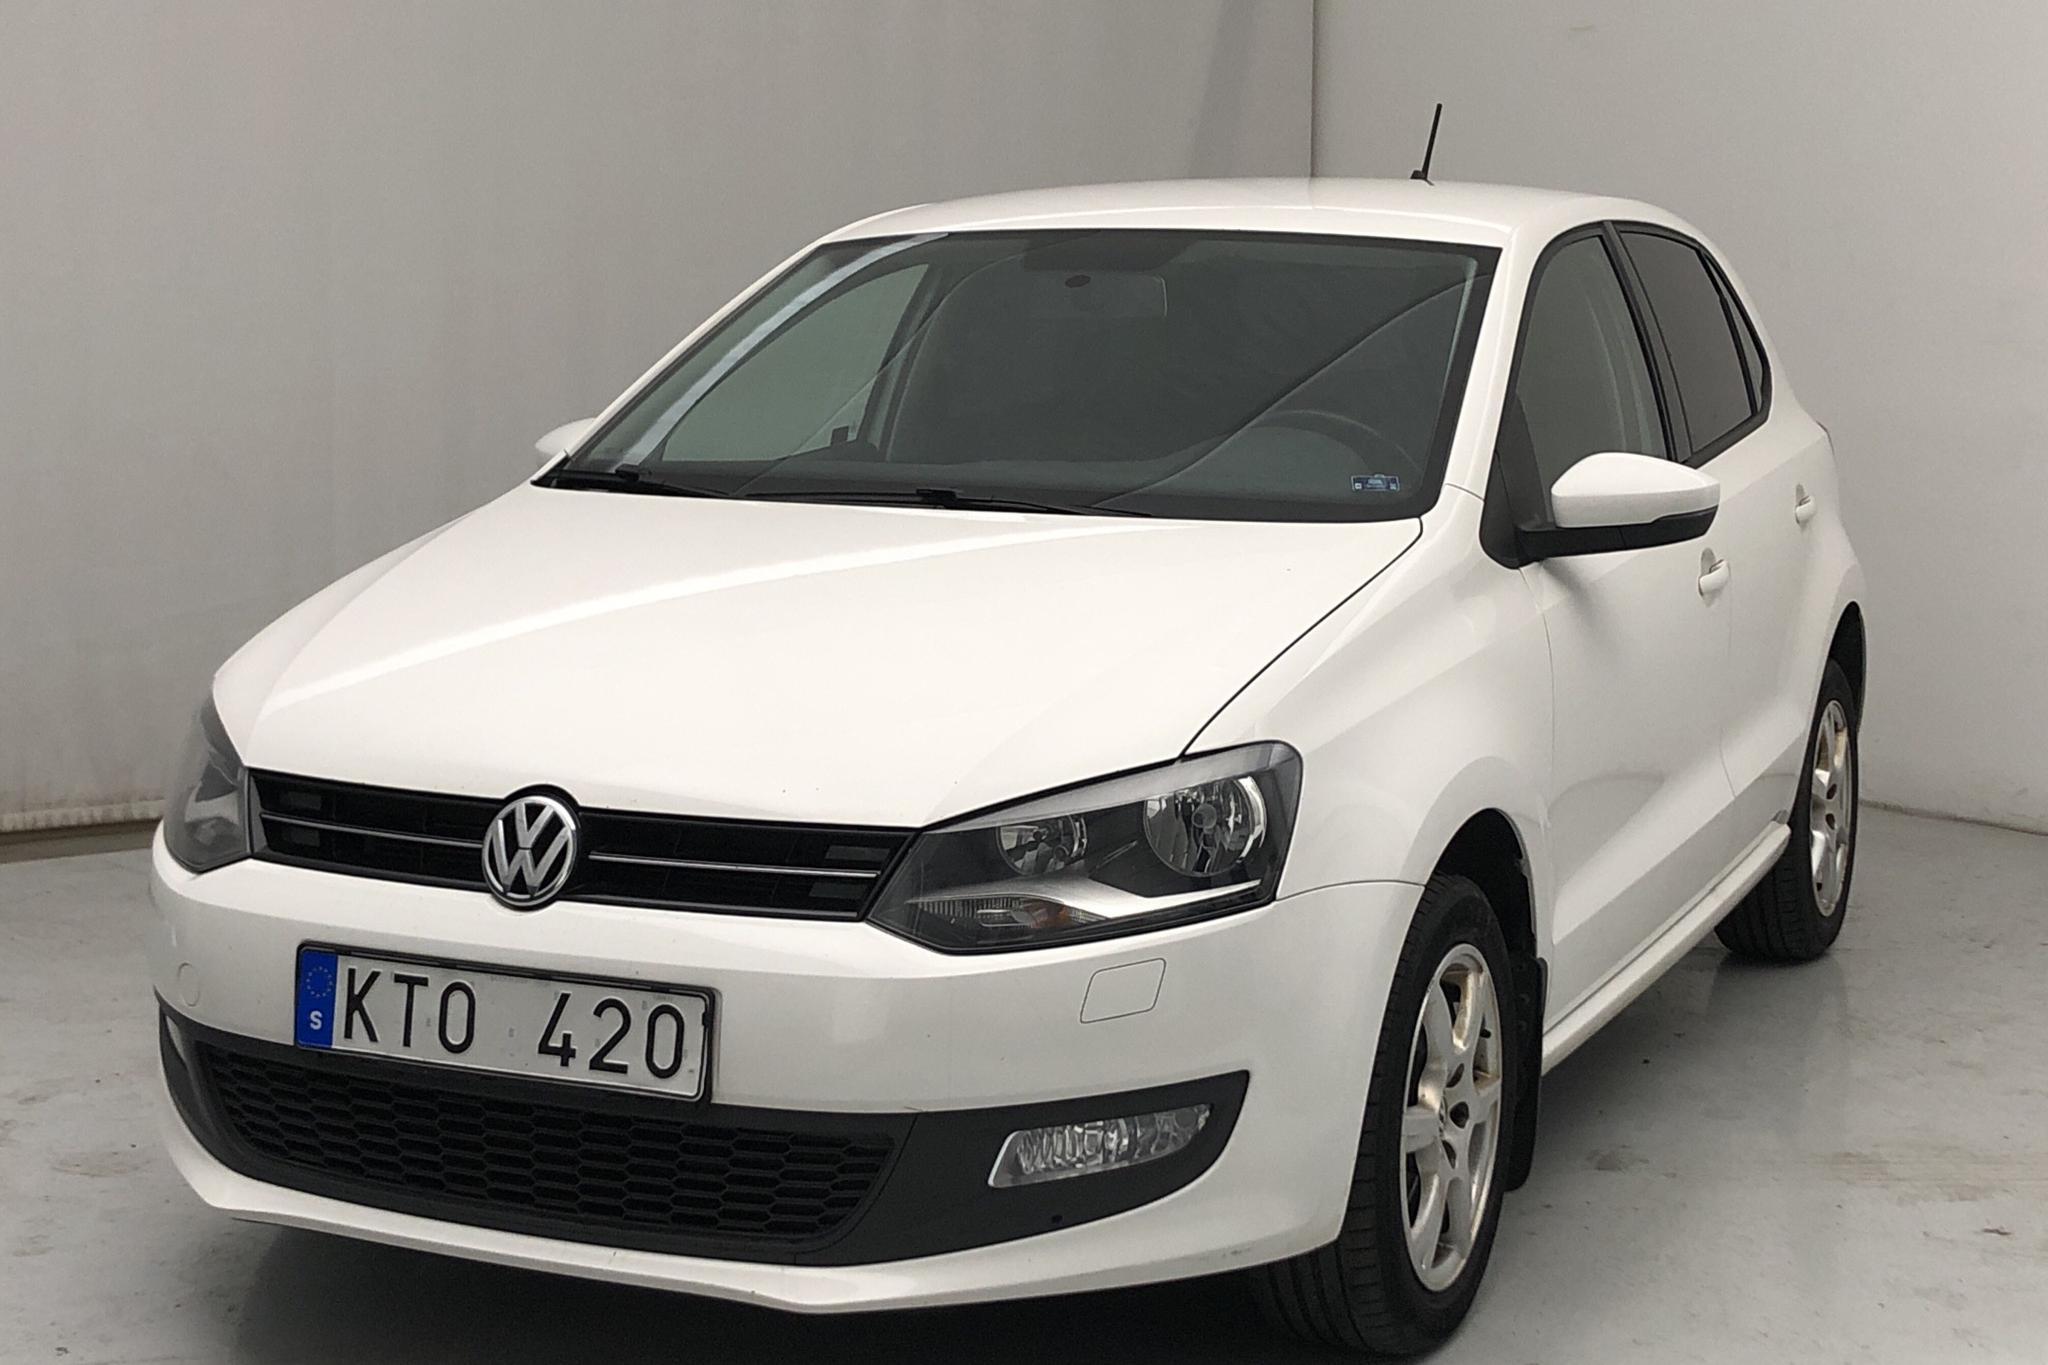 VW Polo 1.6 TDI 5dr (90hk)